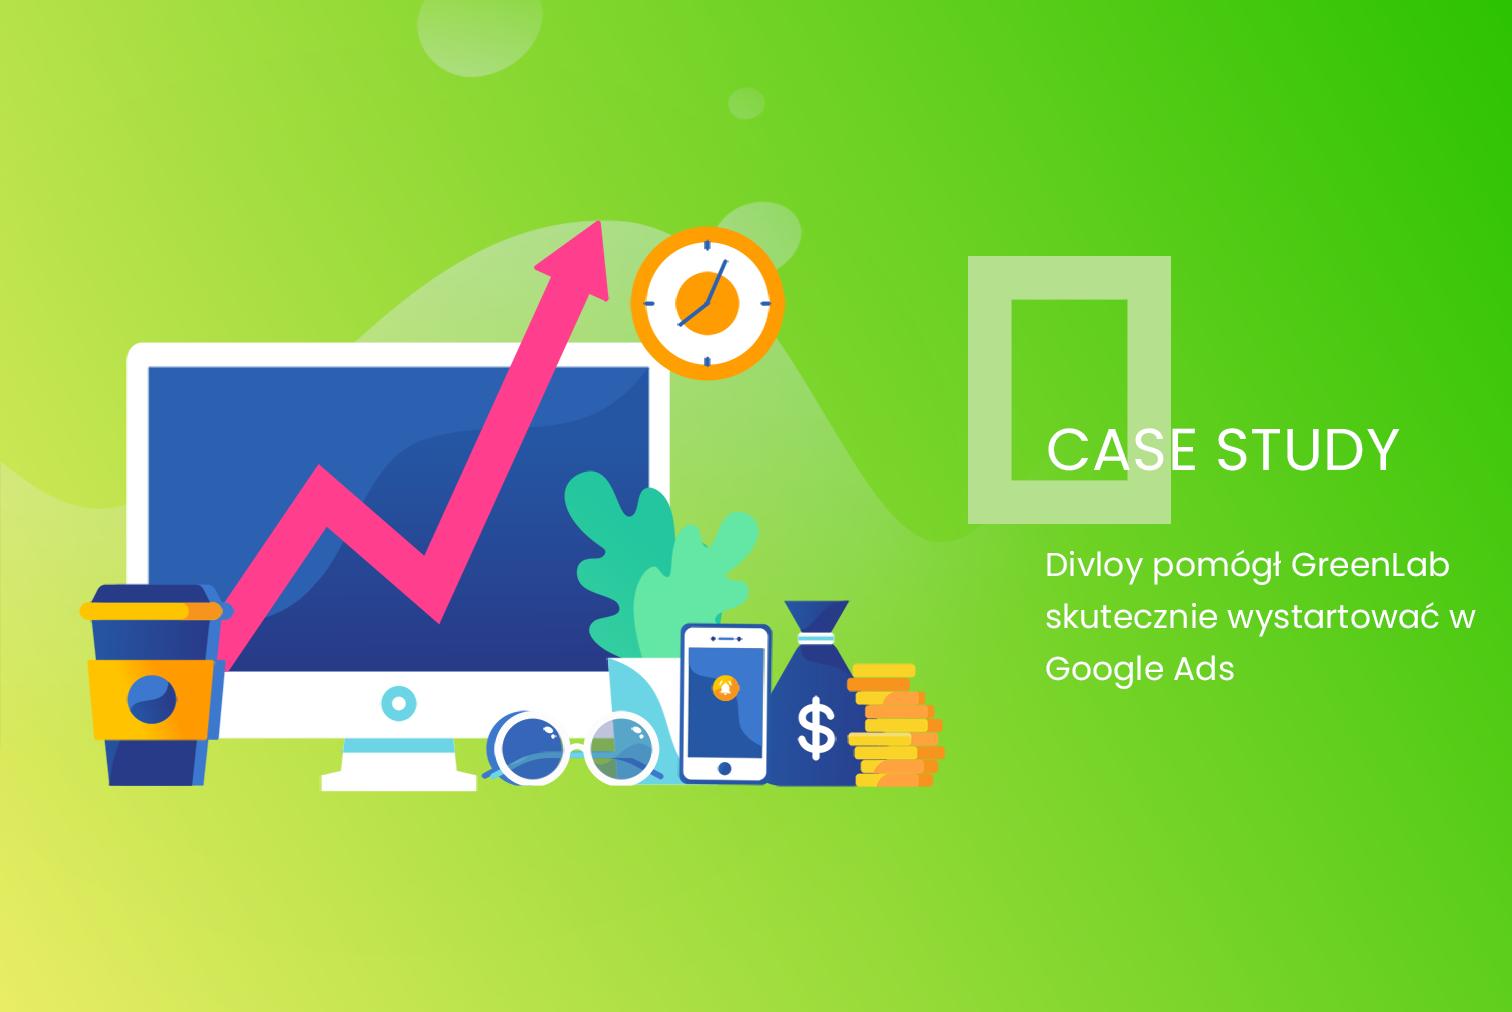 Divloy pomógł GreenLab skutecznie wystartować w Google A-d-s - Case Study